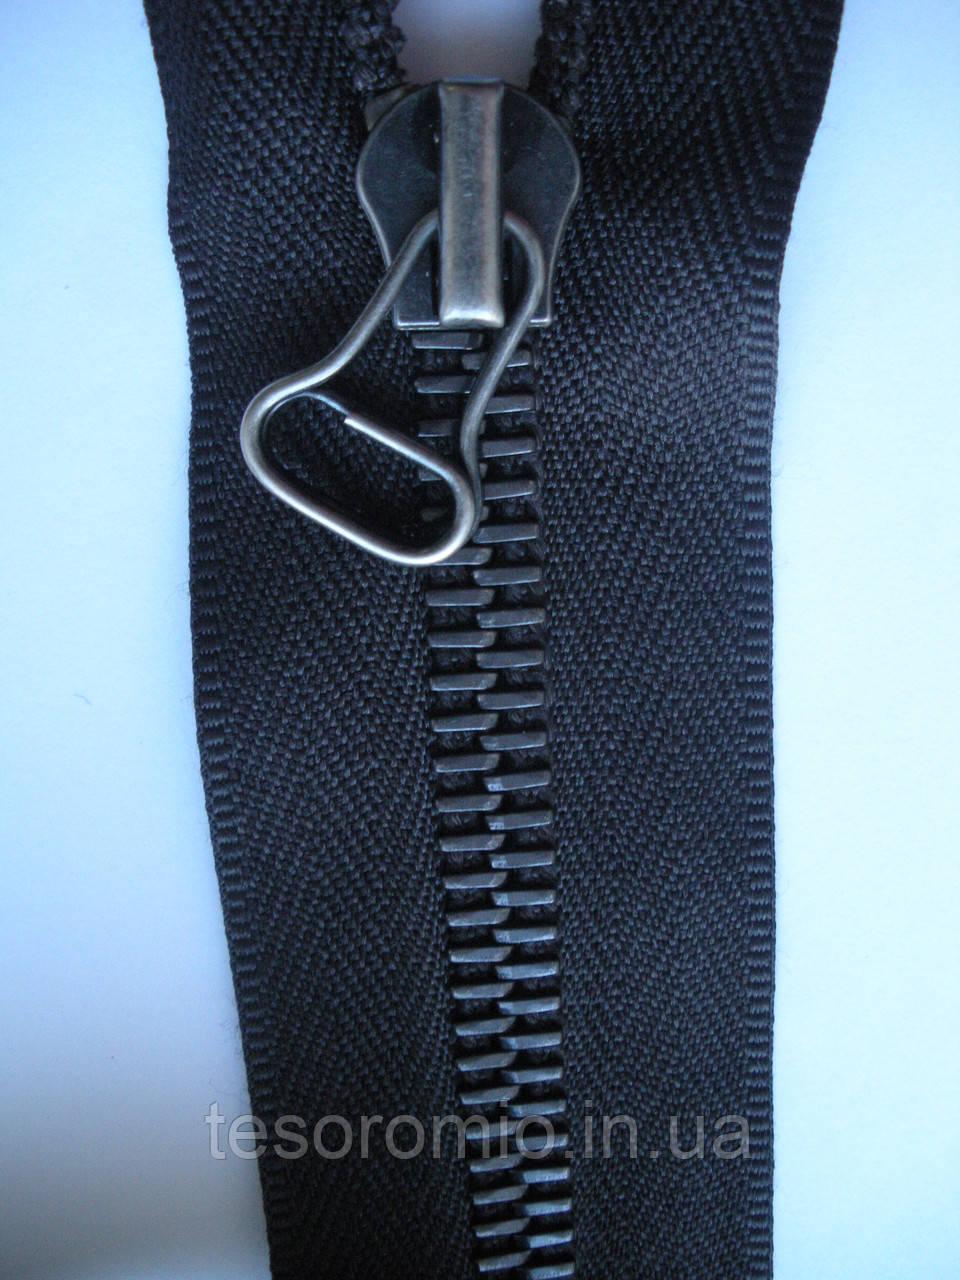 Молния металлическая riri 60 см серая тесьма черненое звено, тип 8